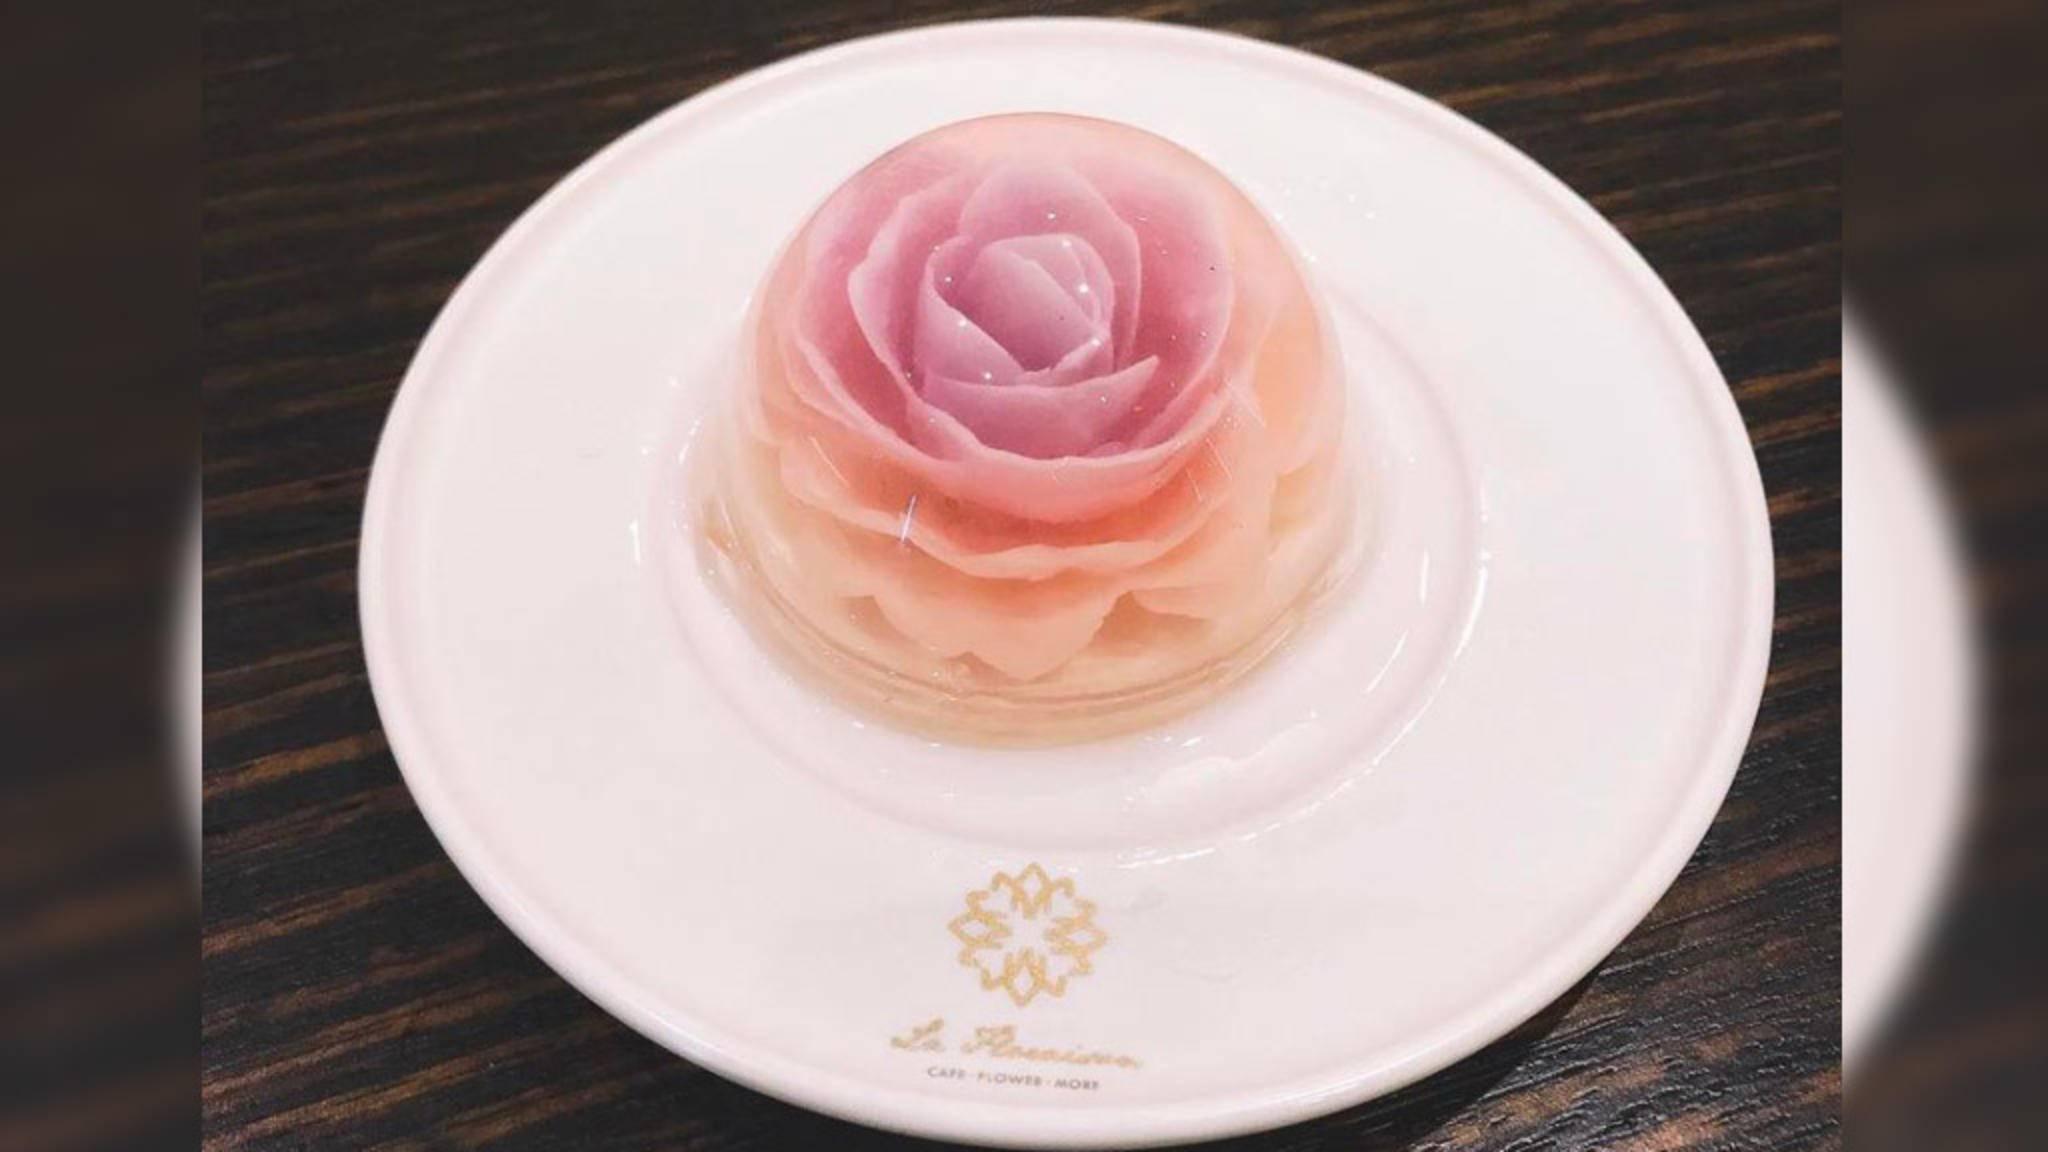 Der florale Raindrop-Cake ist ein echter Hingucker, der Geschmack ist laut zahlreicher User eher zweitrangig.